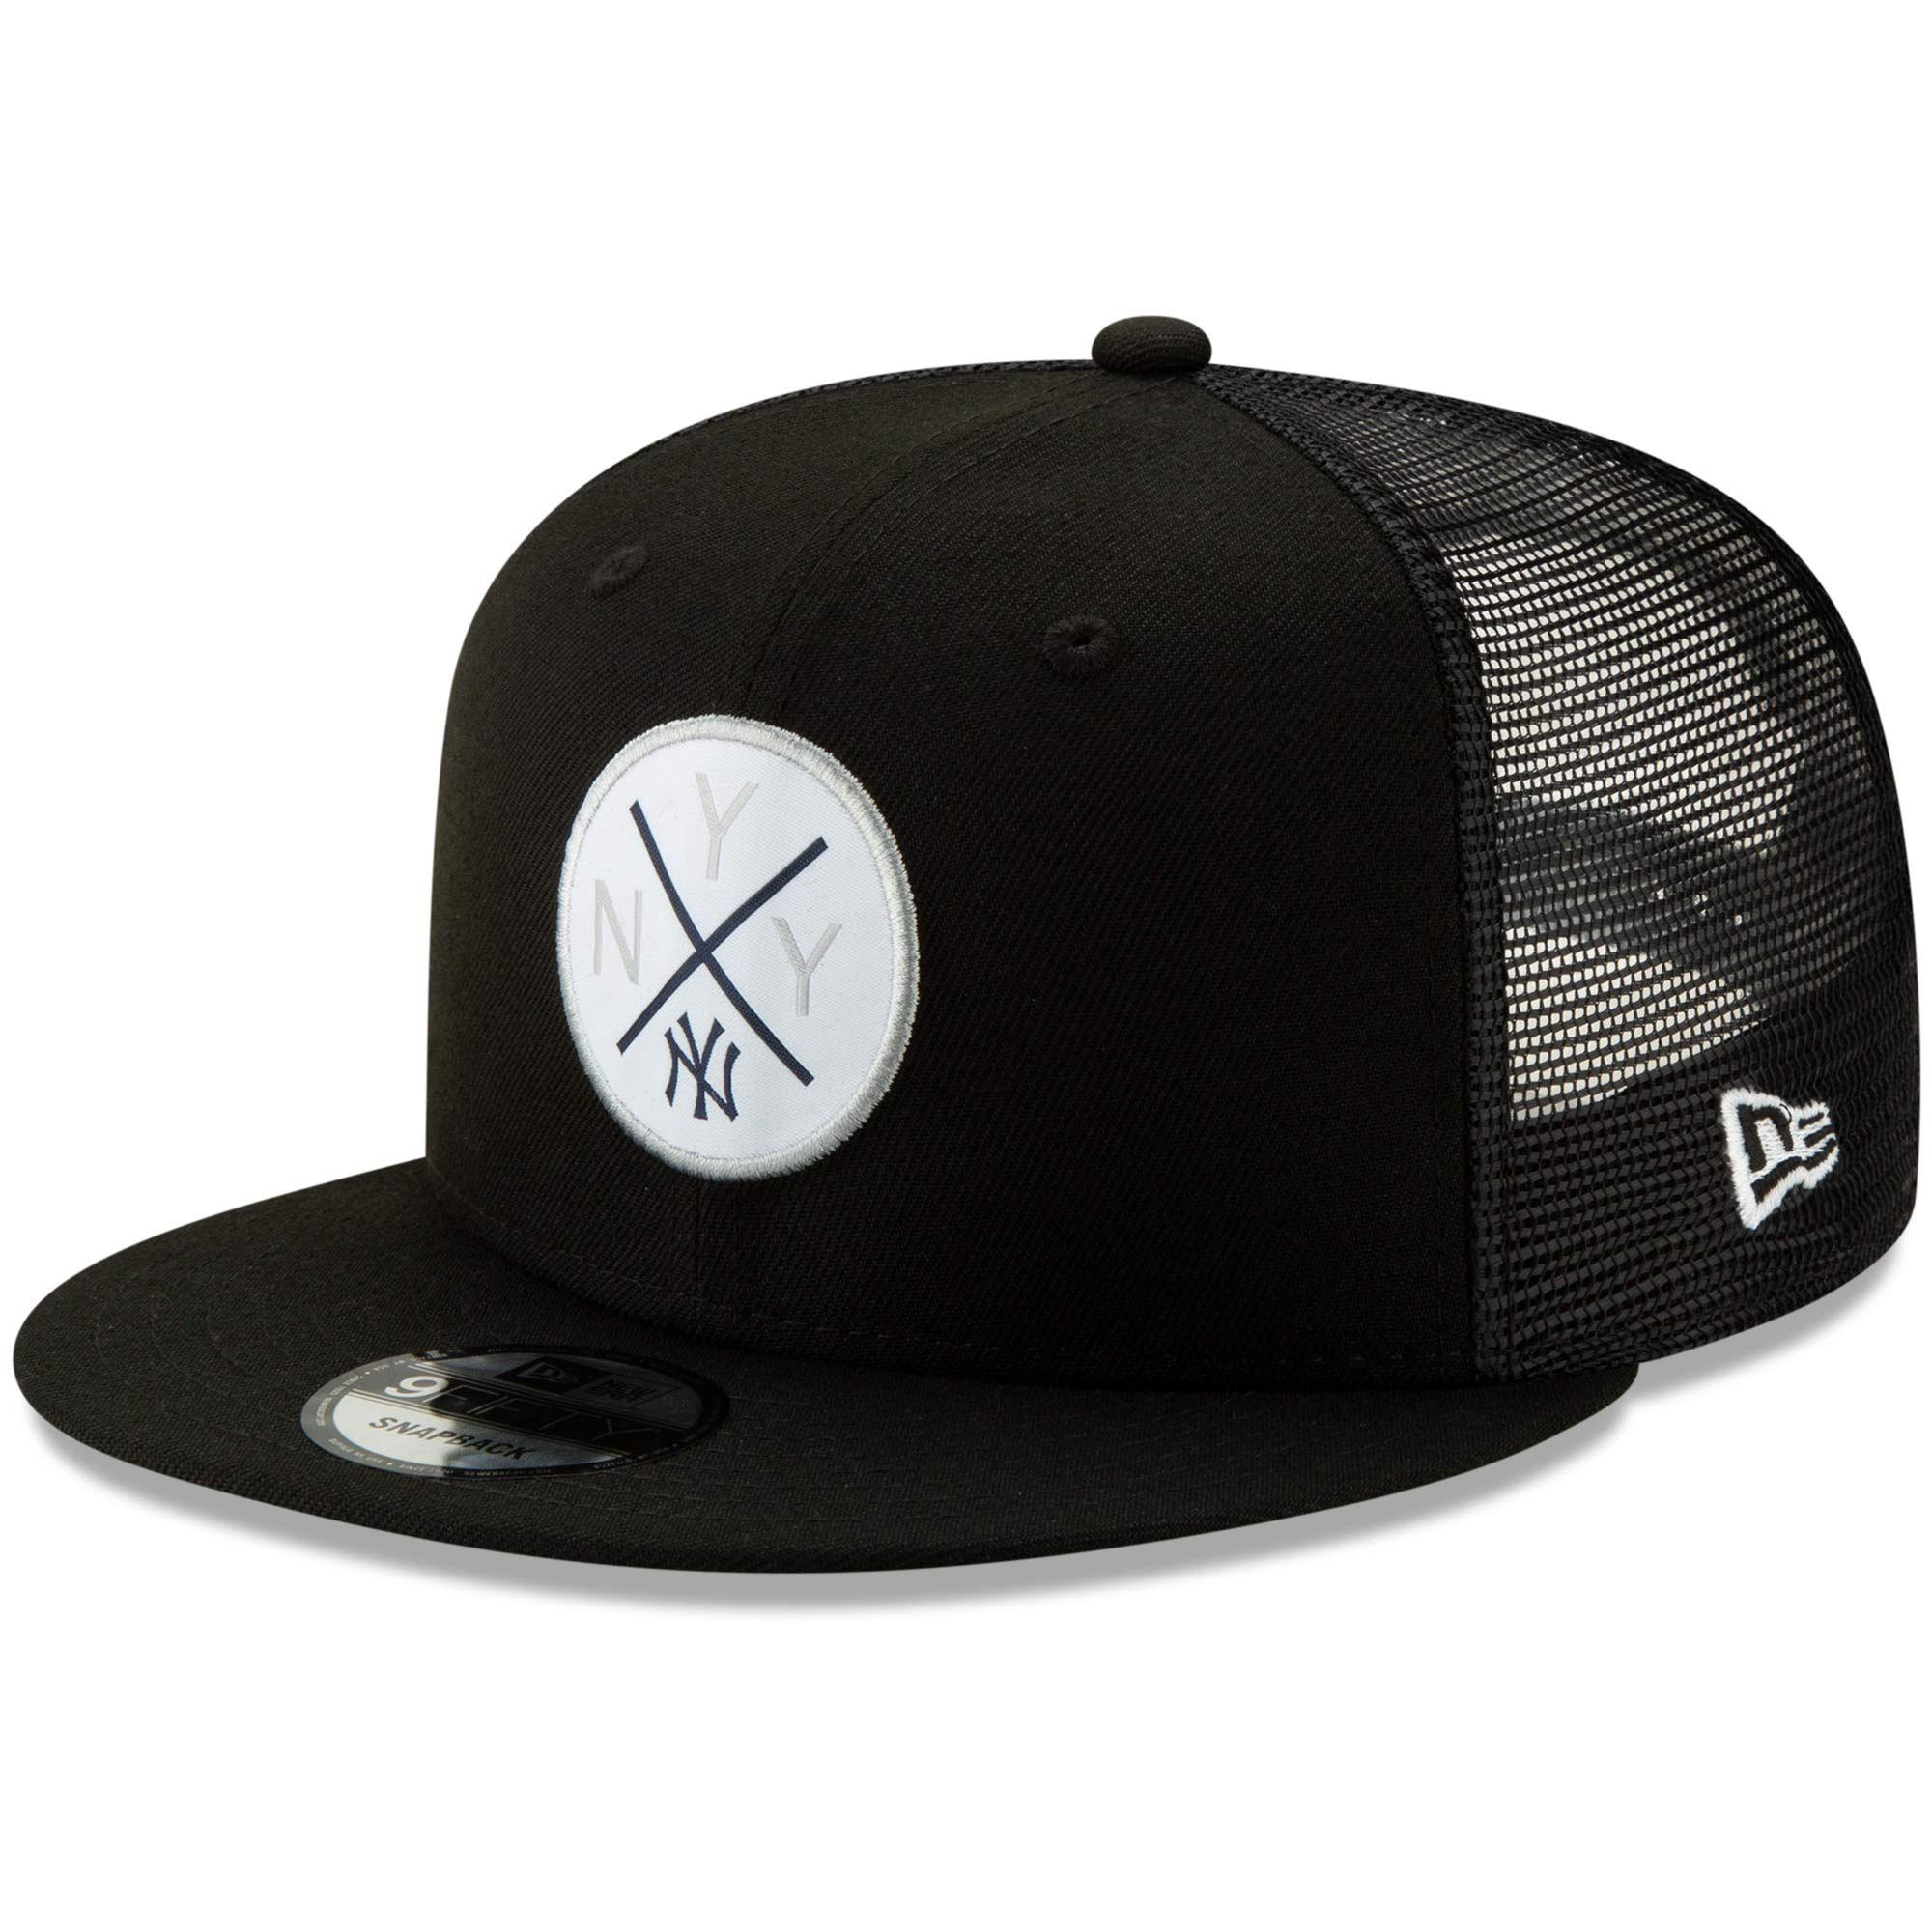 Men S New York Yankees New Era Black Vert Trucker 9fifty Adjustable Snapback Hat In 2020 Snapback Hats Dodger Hats Hats For Men